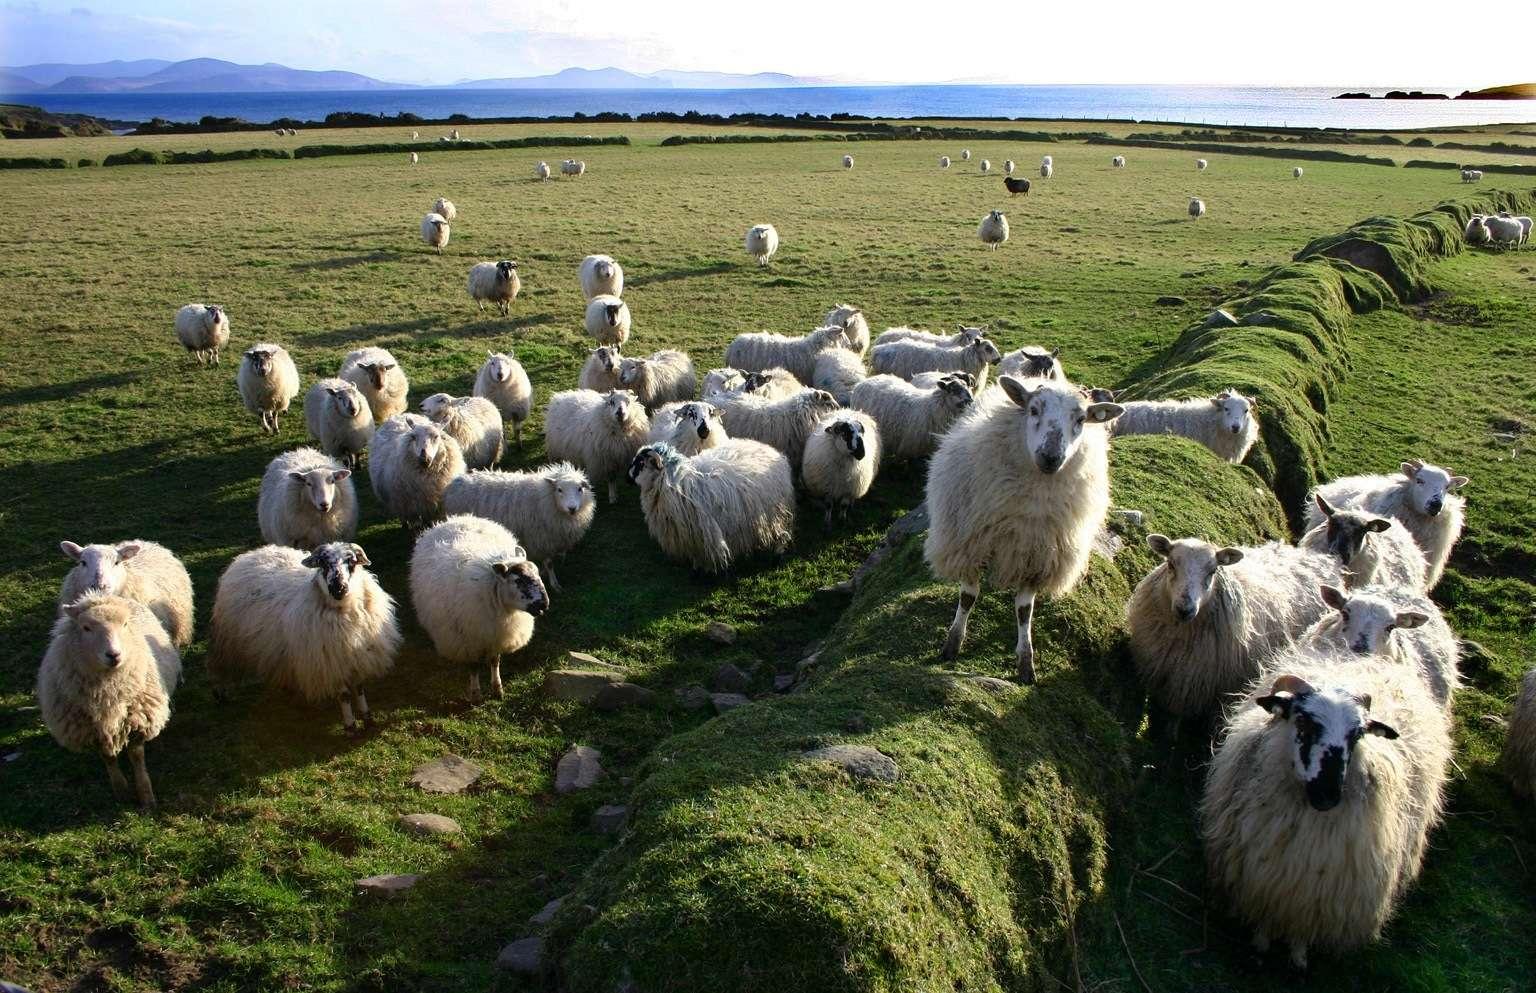 Les élevages de moutons sont les plus touchés par le virus de Schmallenberg, représentant à eux seuls 57 % des contaminations. Les Hommes, quant à eux, devraient être tranquilles... © Kman999, Fotopédia, cc by nc nd 2.0